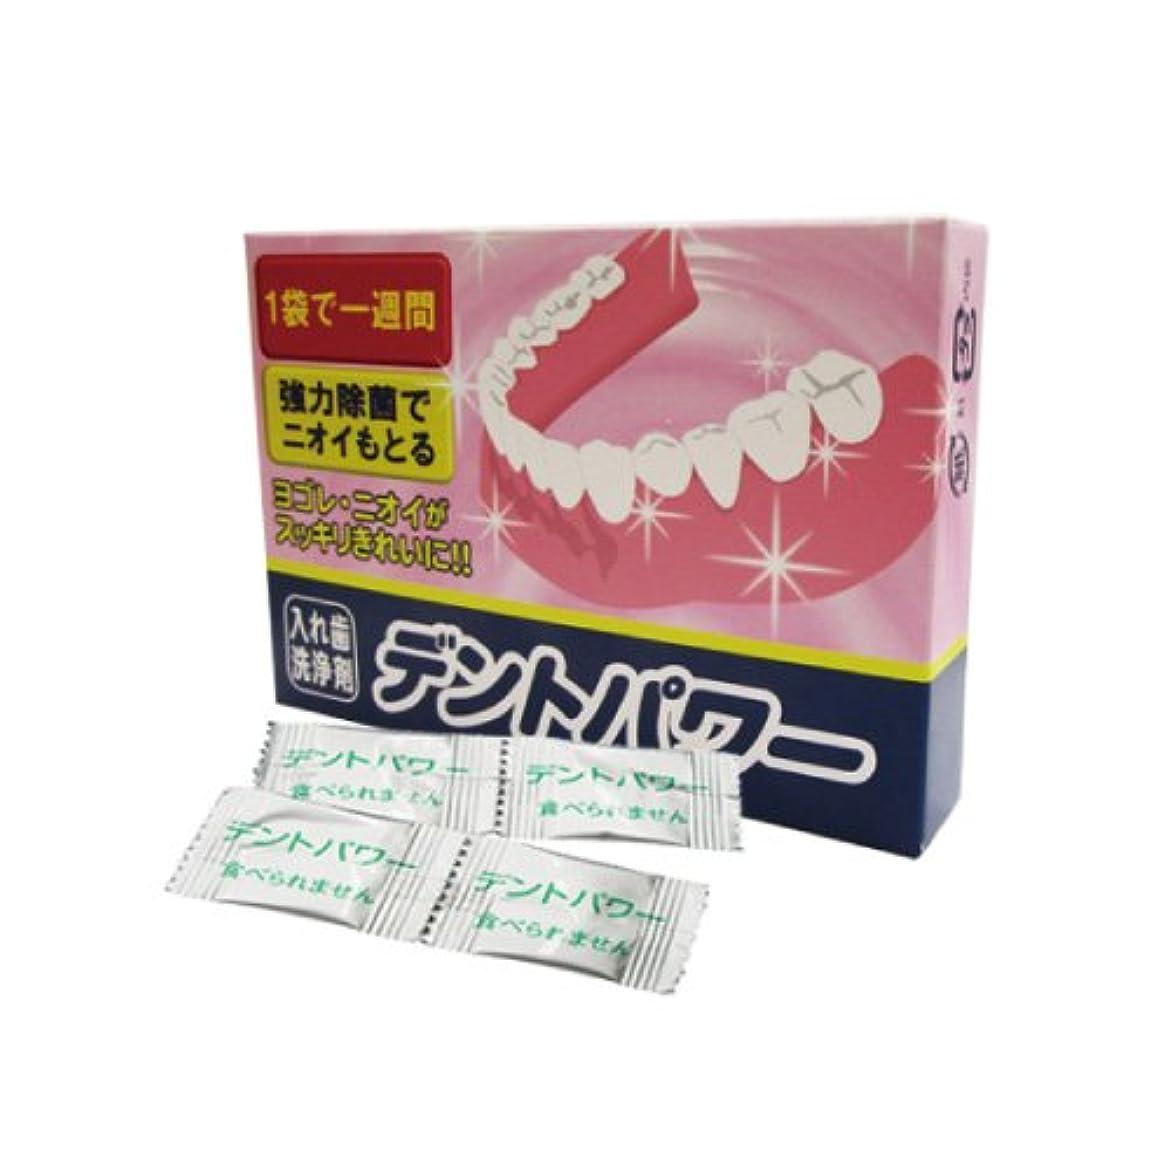 ピービッシュ西部かなりの【入れ歯洗浄剤】 デントパワー 10ヶ月用(NEW) (専用ケース無し) - DENT POWER